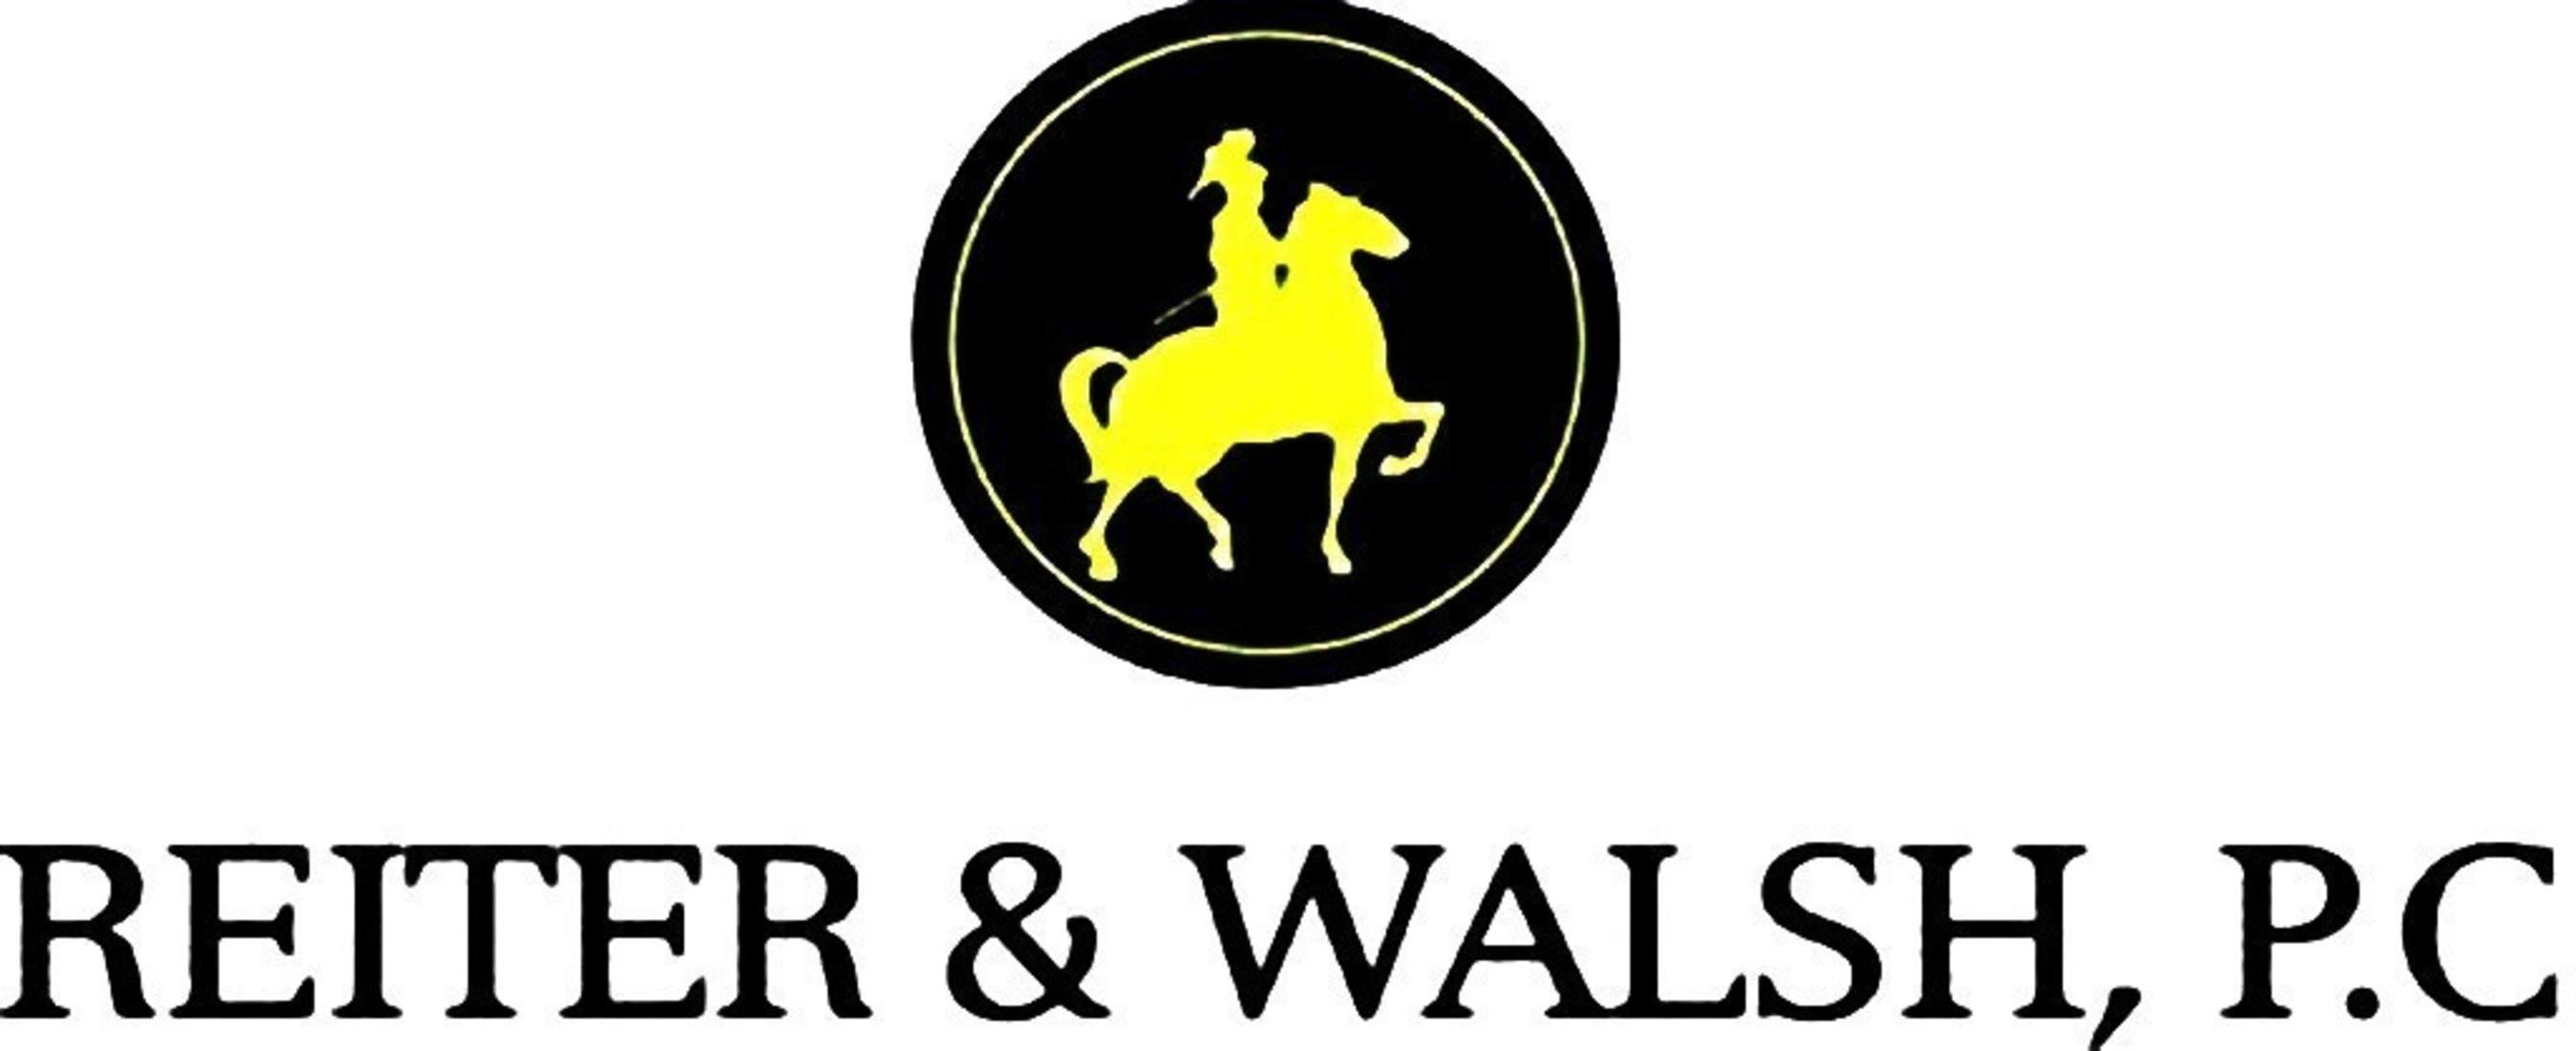 Reiter & Walsh, P.C.